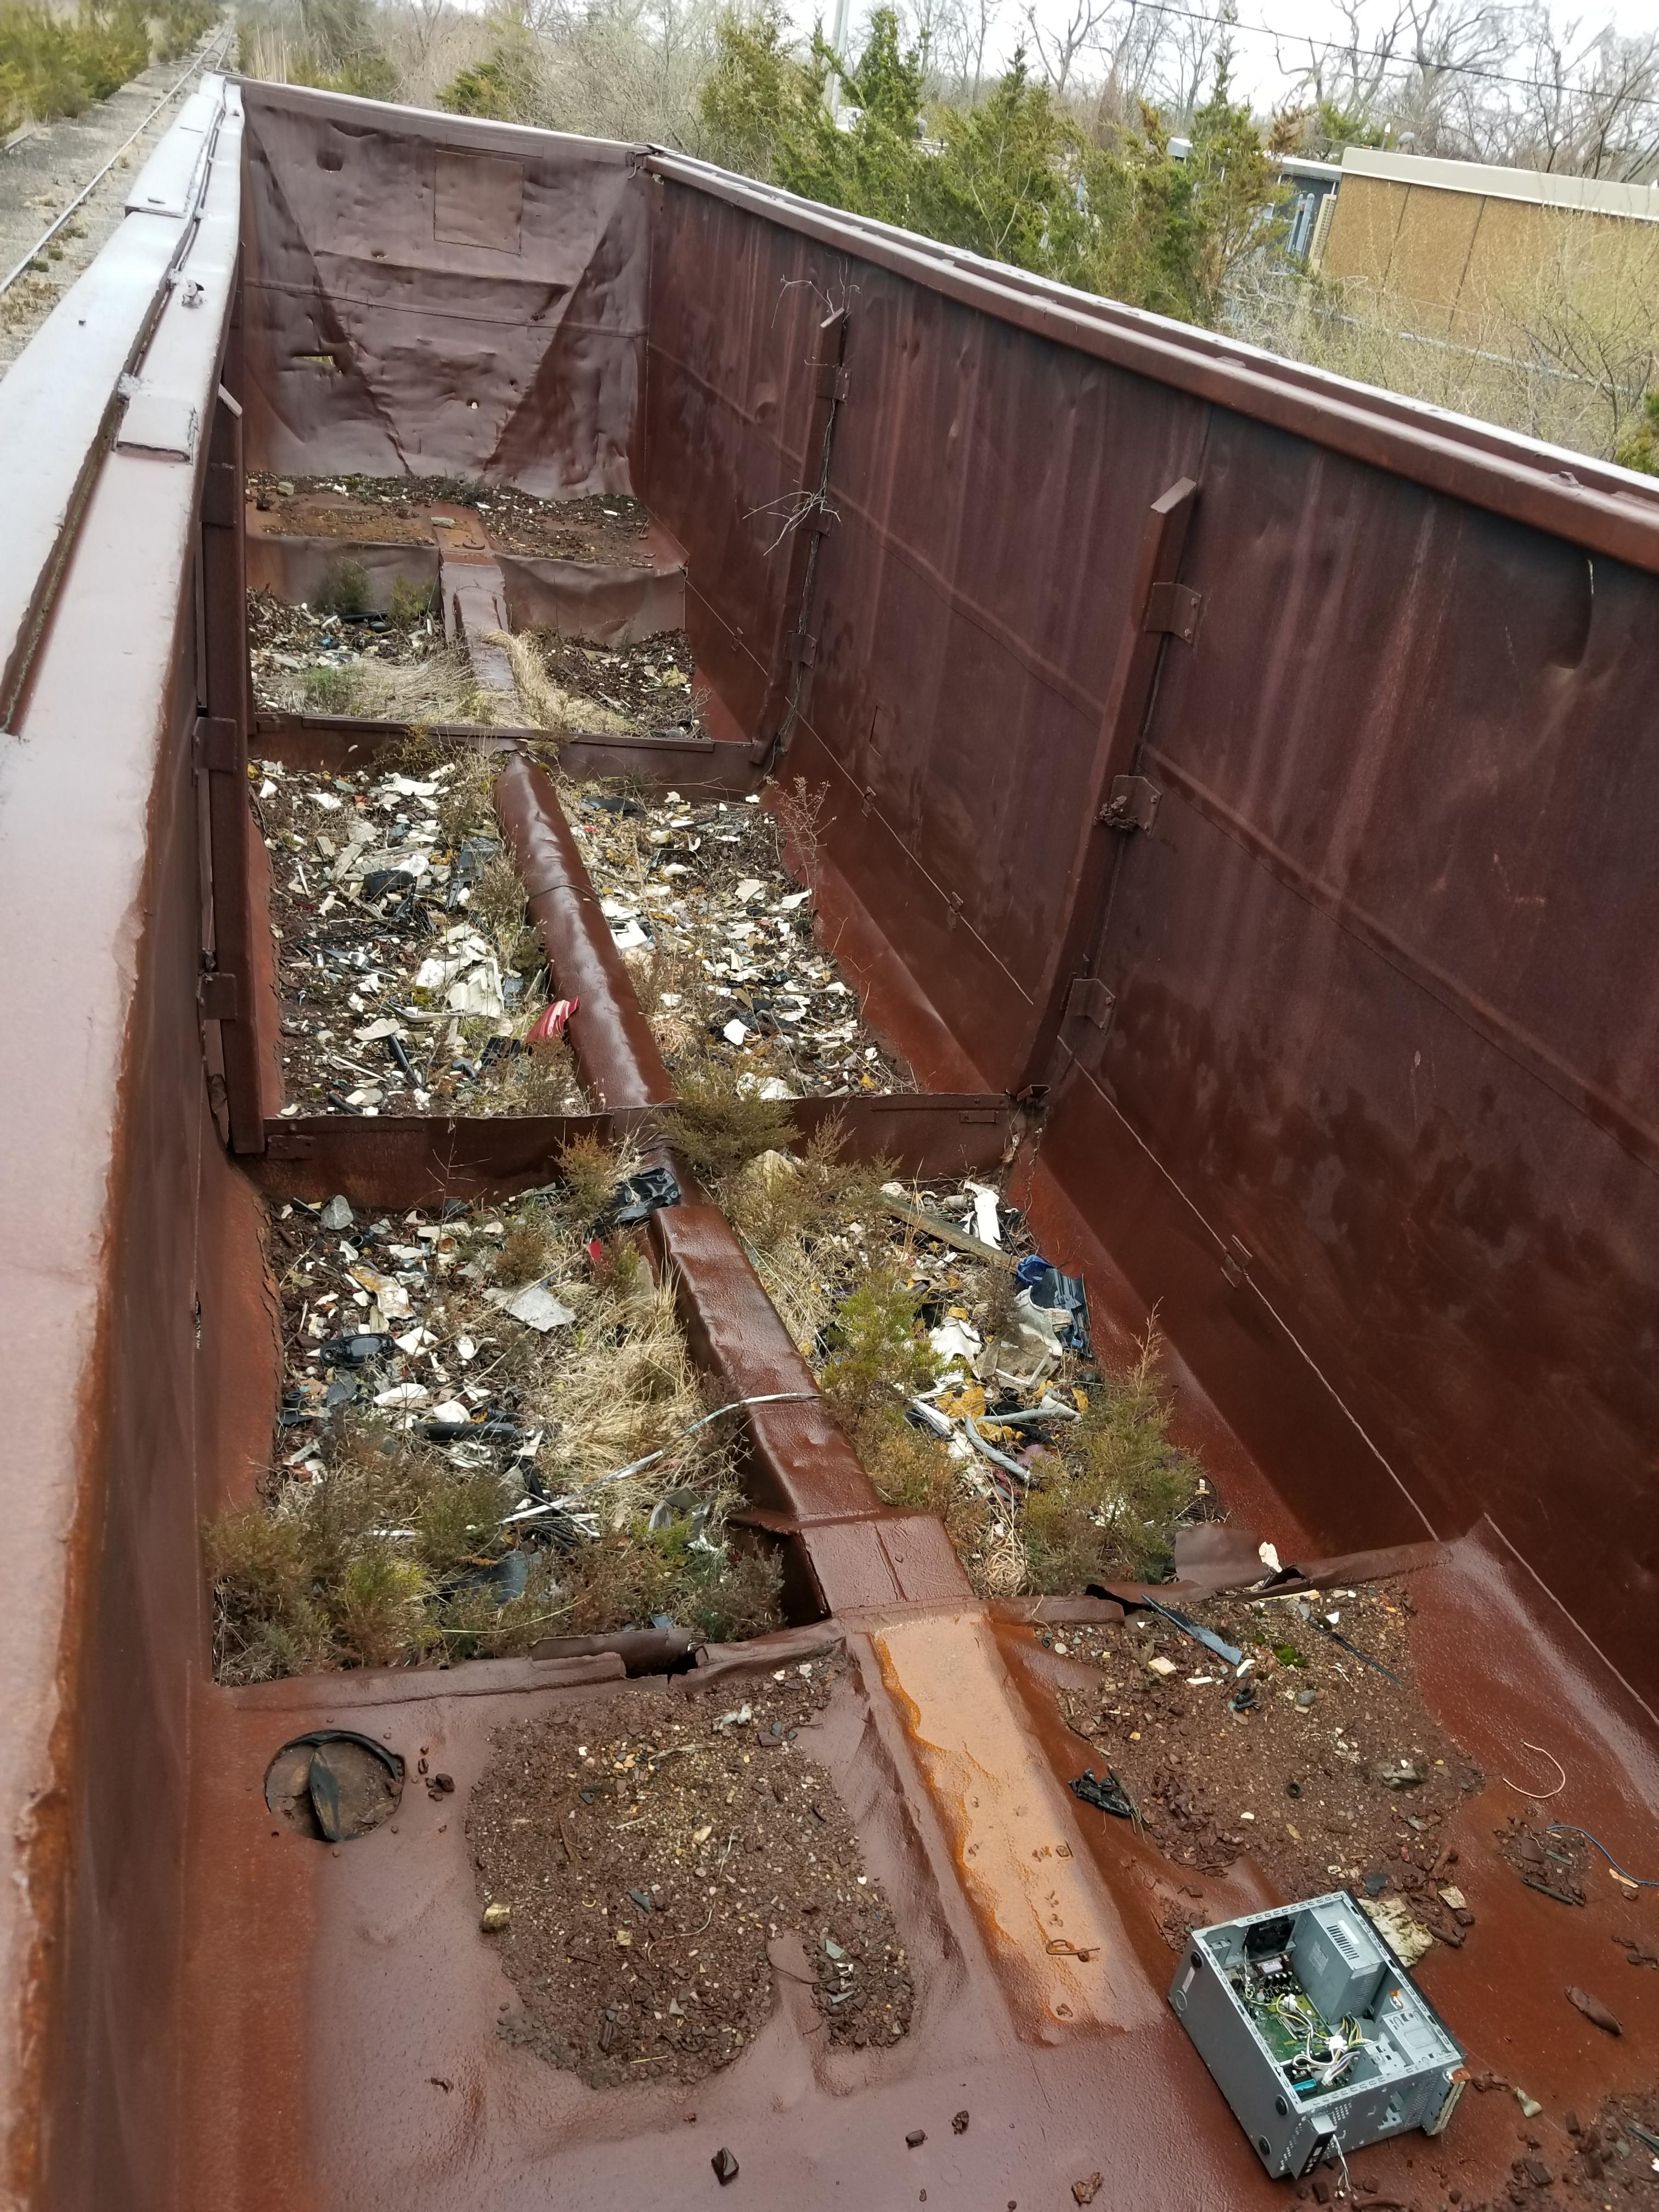 Lot 1 - LOT 1 - (X4) BATH TUB BELLY GONDOLA RAIL CARS (CAPE MAY, NJ) (1-1) SRXX 4203 BATH TUB BELLY